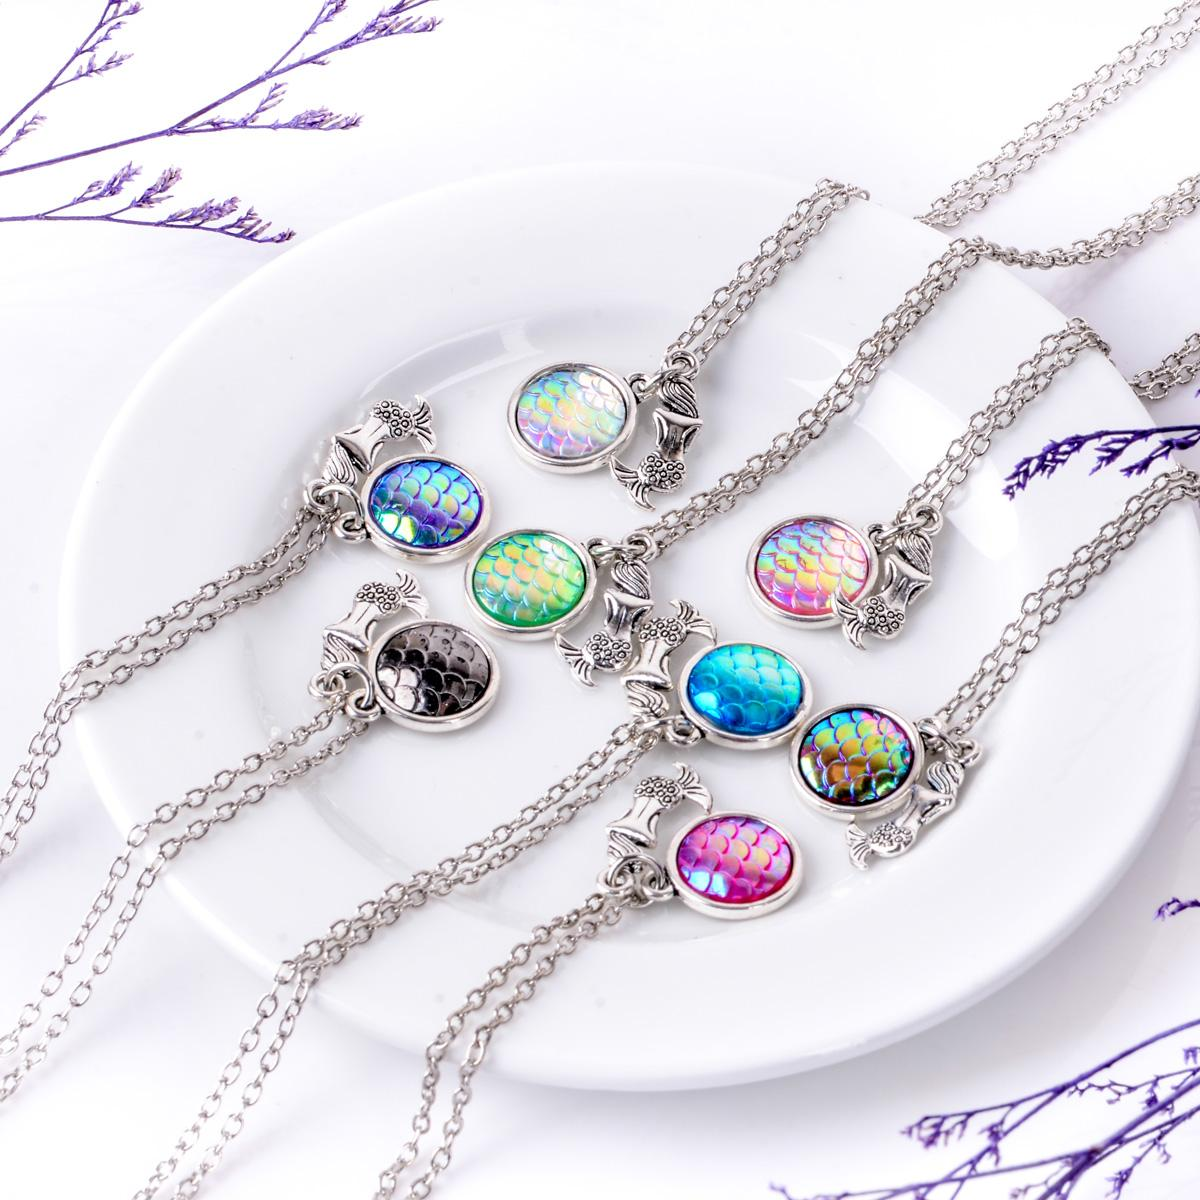 Nuovo design affascinante Neckalce AB arcobaleno colore scale a sirena ciondolo in resina fascino collane le donne accessori gioielli donna